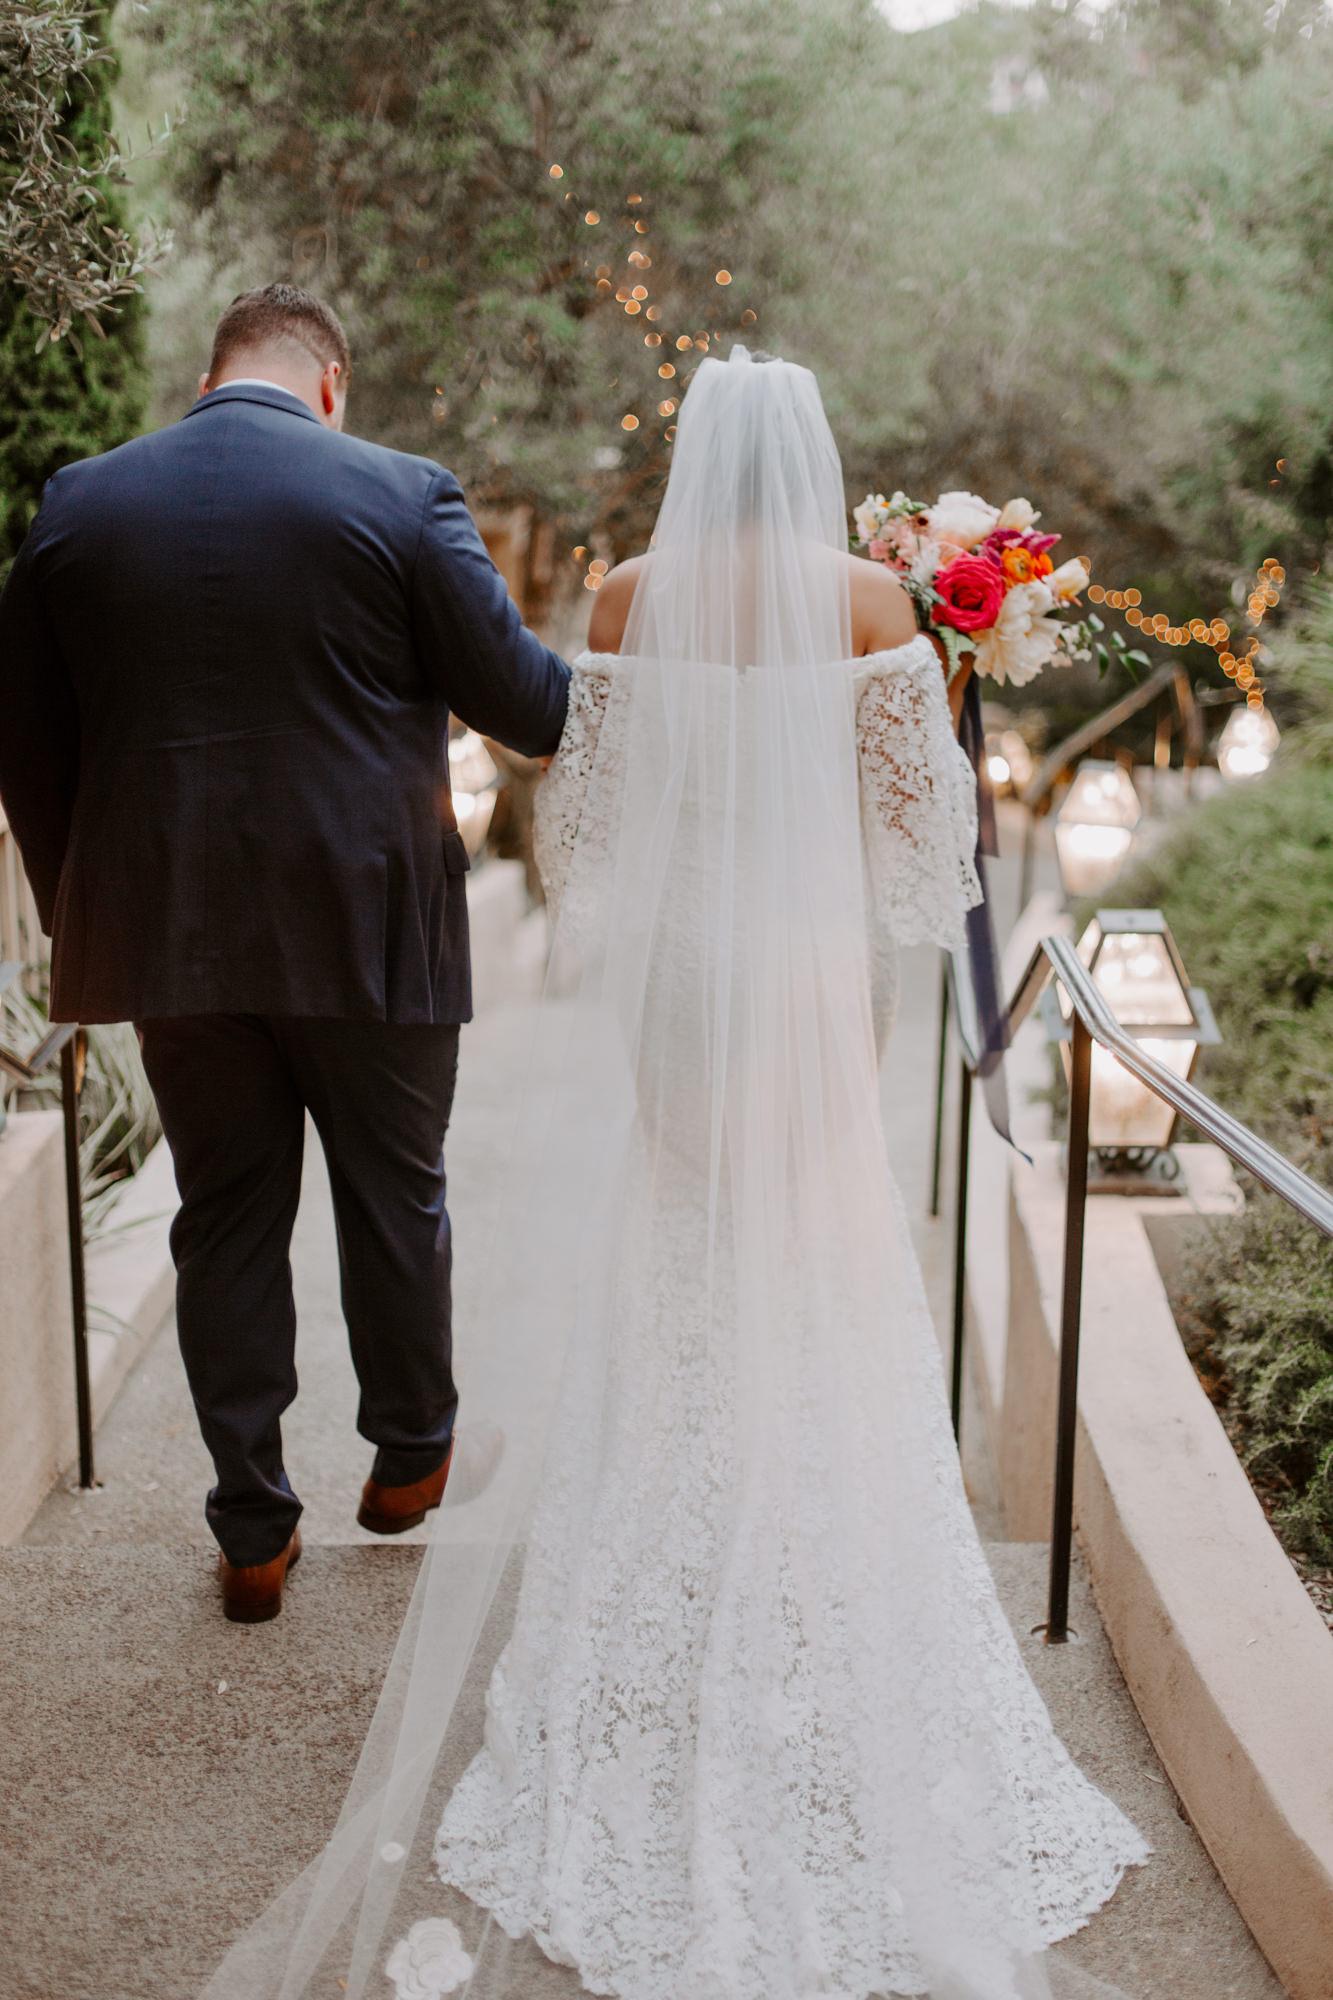 Rancho bernardo Inn san deigo wedding photography0063.jpg